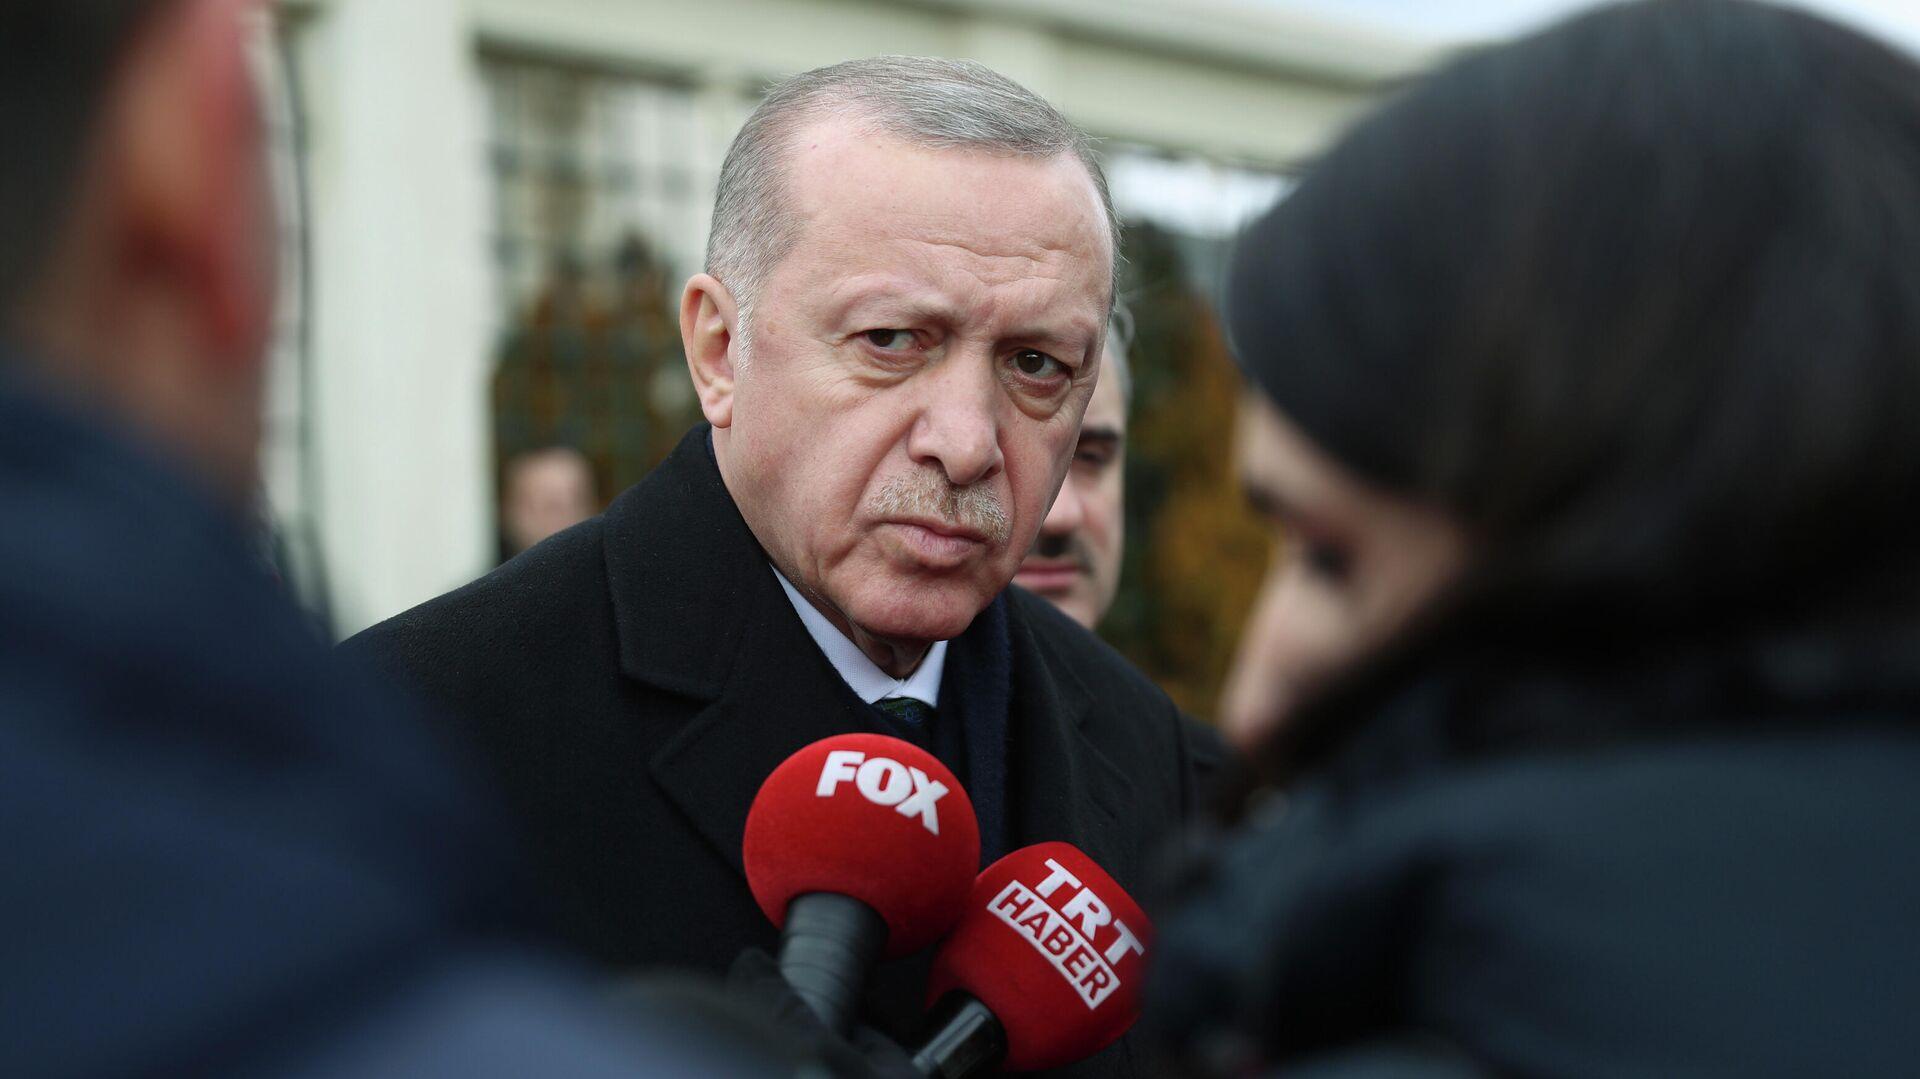 Президент Турции Реджеп Тайип Эрдоган во время беседы с журналистами  - РИА Новости, 1920, 23.10.2020